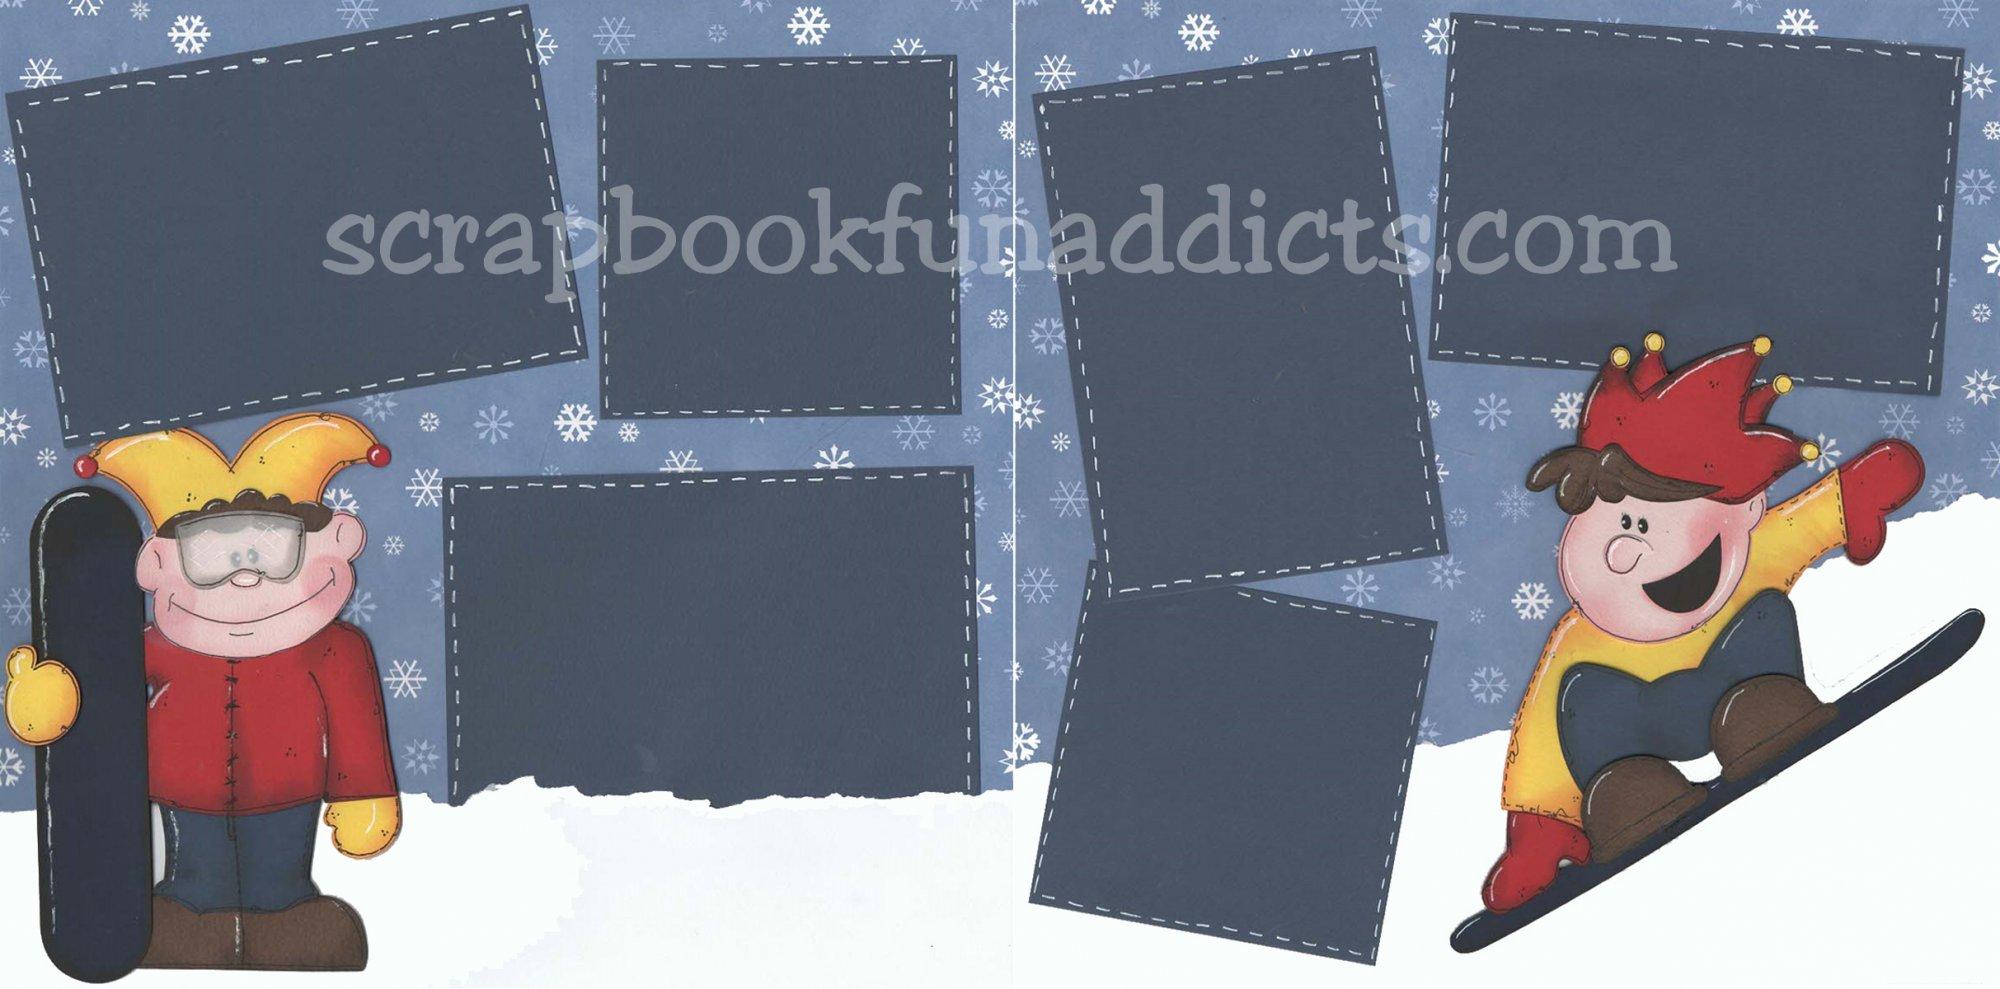 #434 Snow Boarders